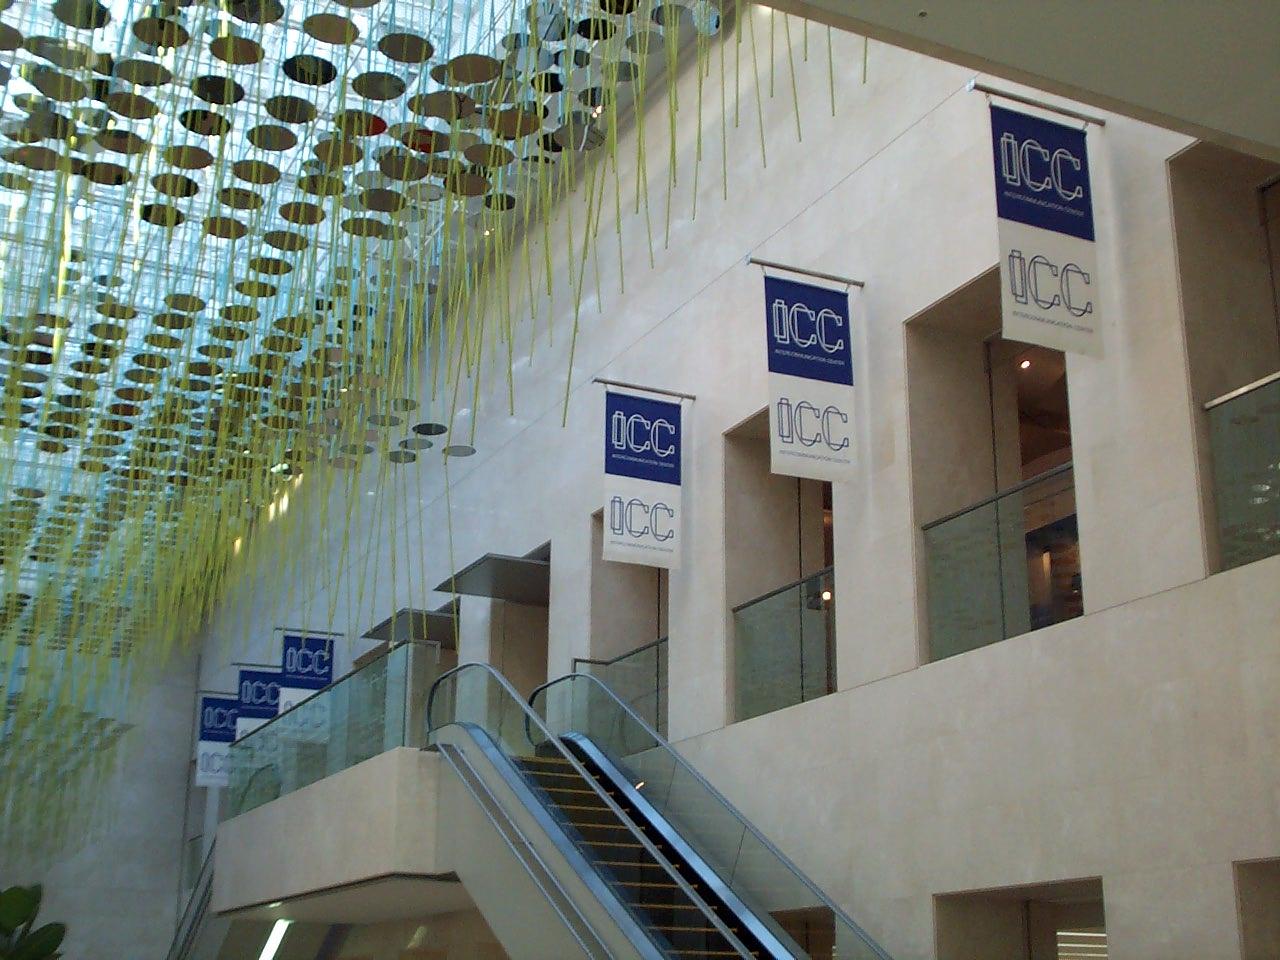 NTT インターコミュニケーション・センター [ICC]